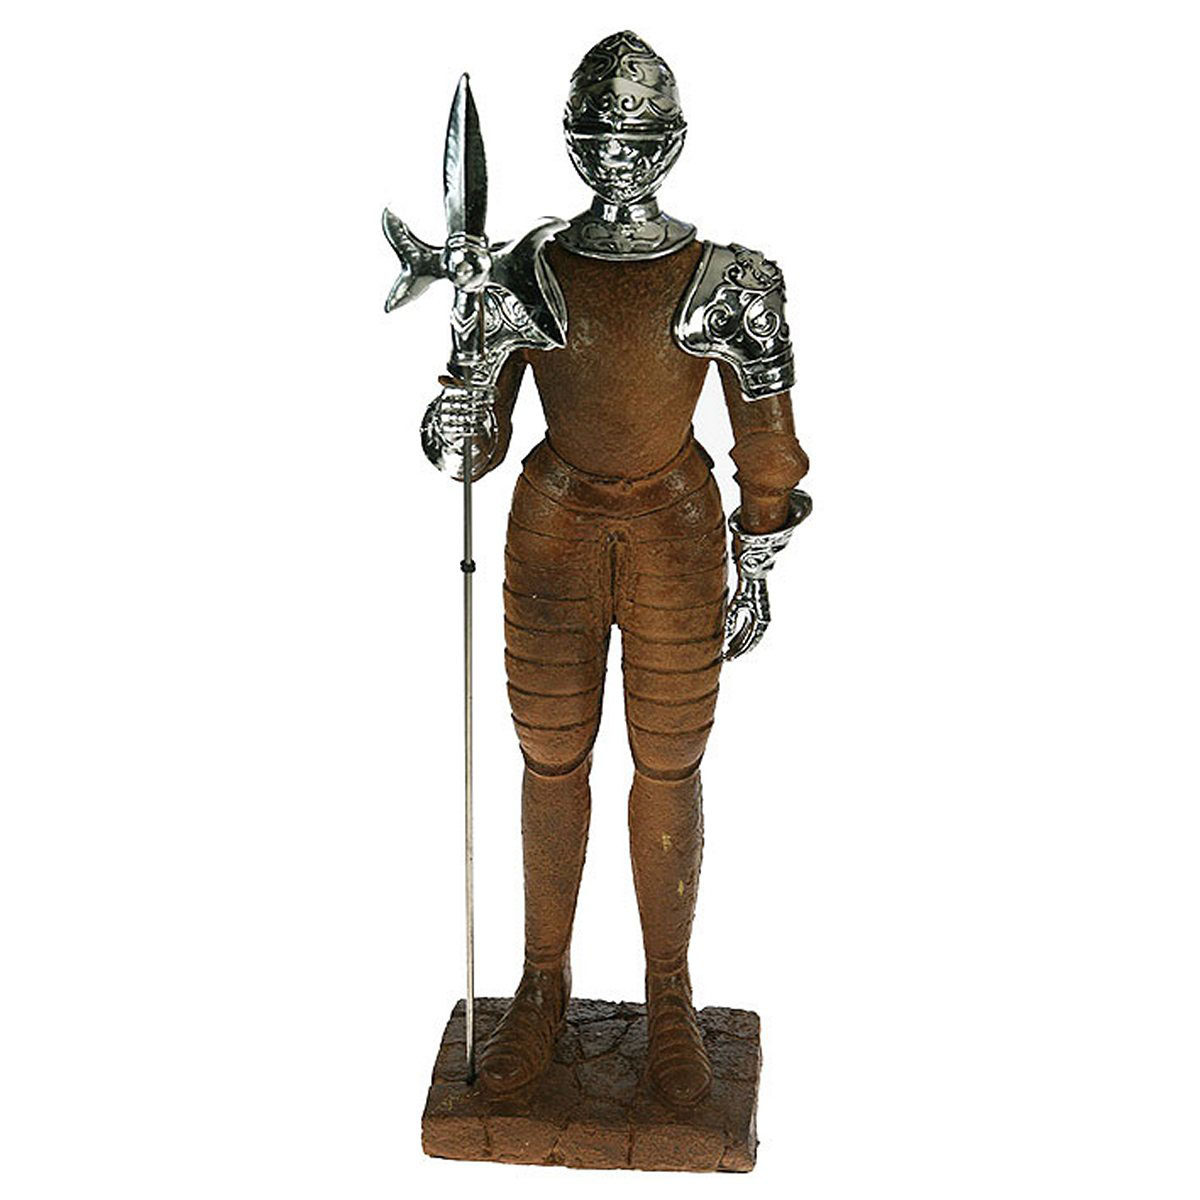 Статуэтка Русские Подарки Рыцарь, 18 х 12 х 54 см статуэтка русские подарки африканка 14 х 15 х 22 см